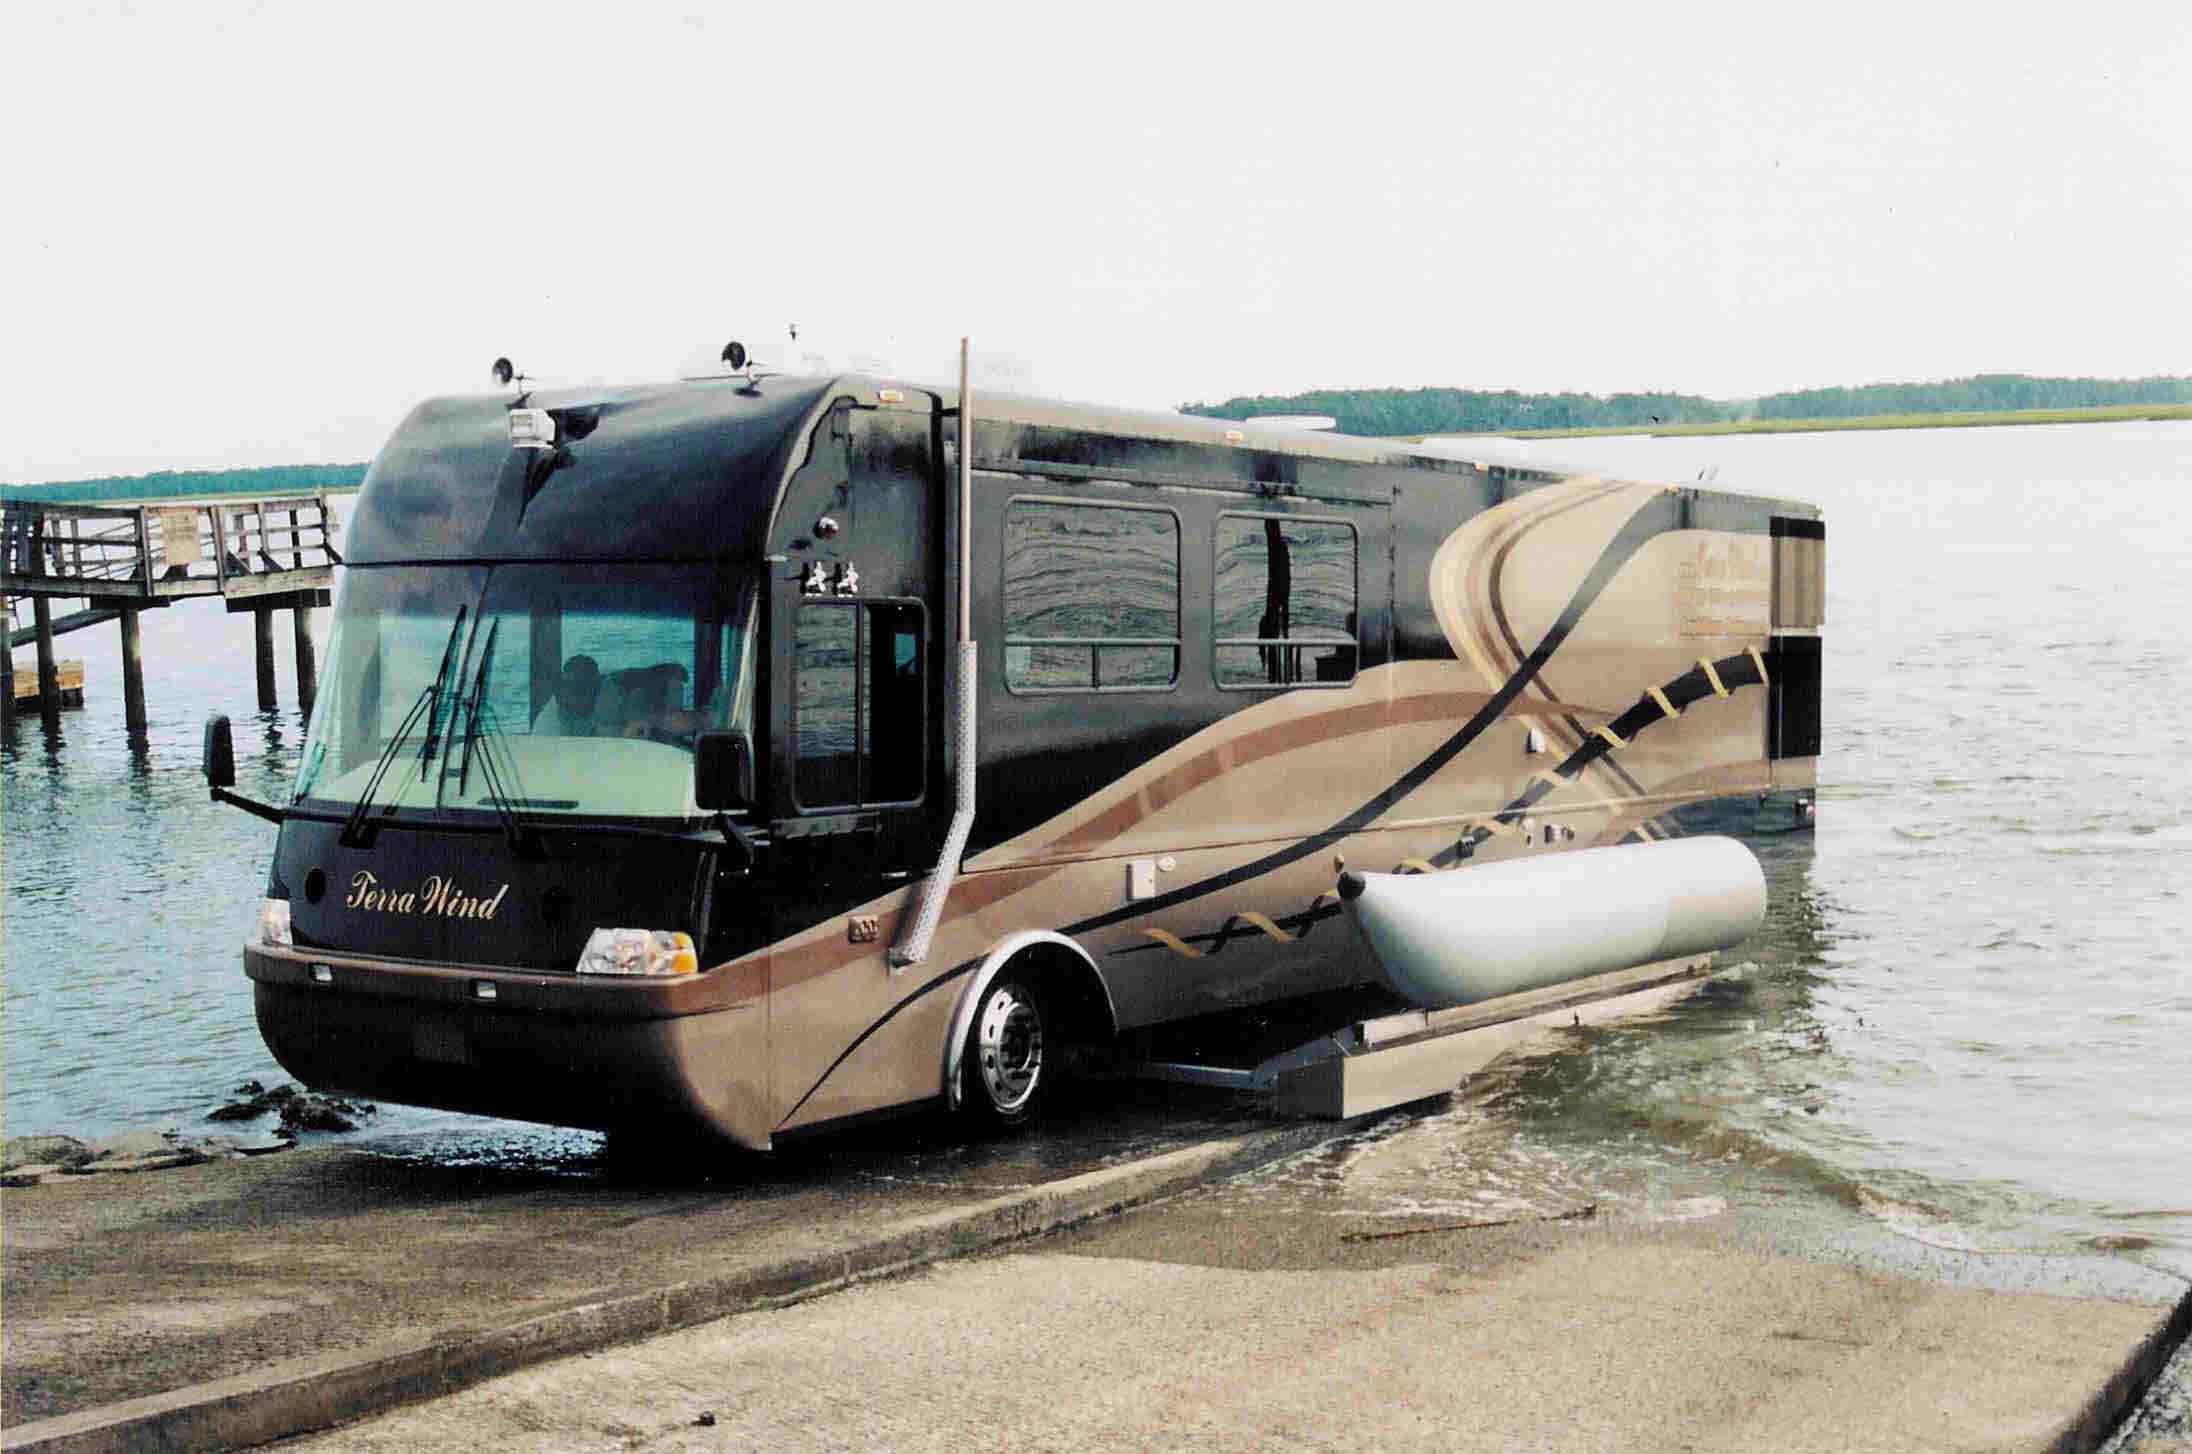 « Terra Wind » : le camping-car grand luxe amphibie qui repousse les limites ! Par Clément P.               Watercraftjournal